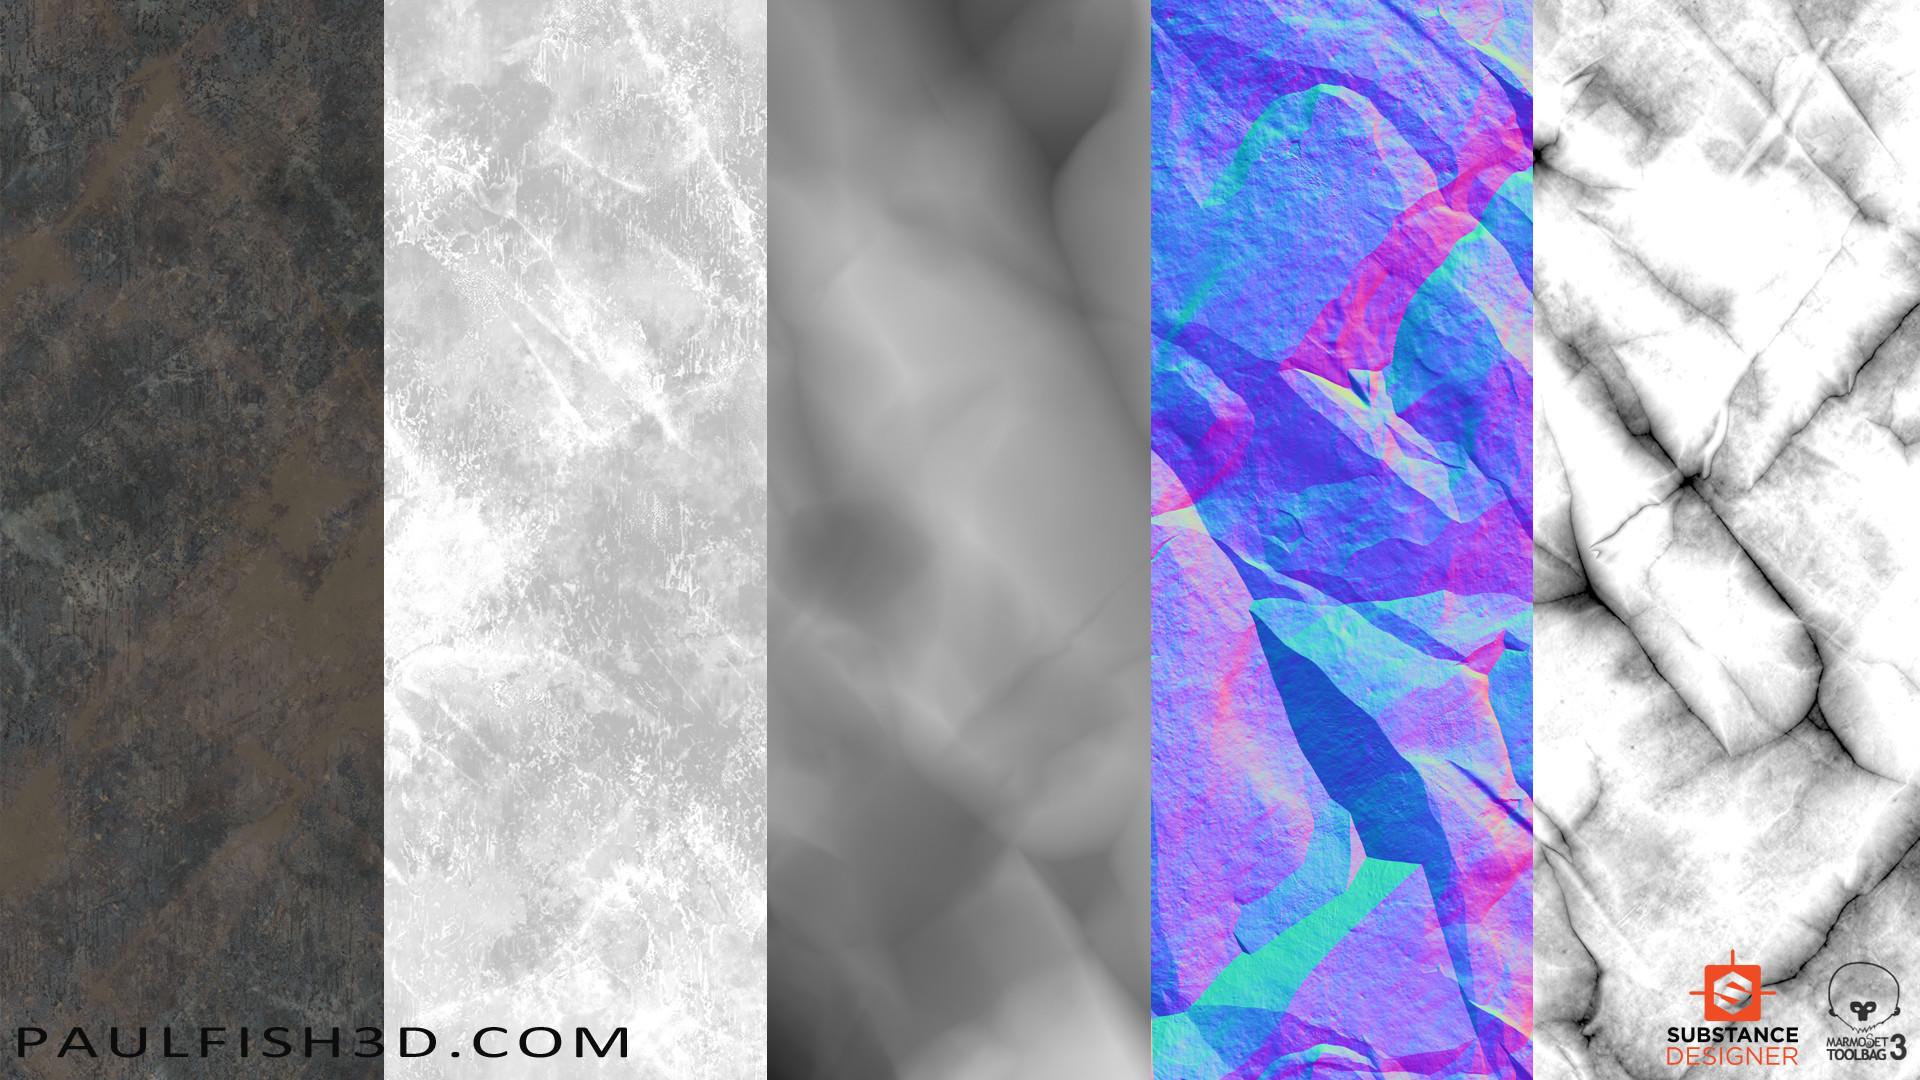 Paul fish stone cliff dark textures